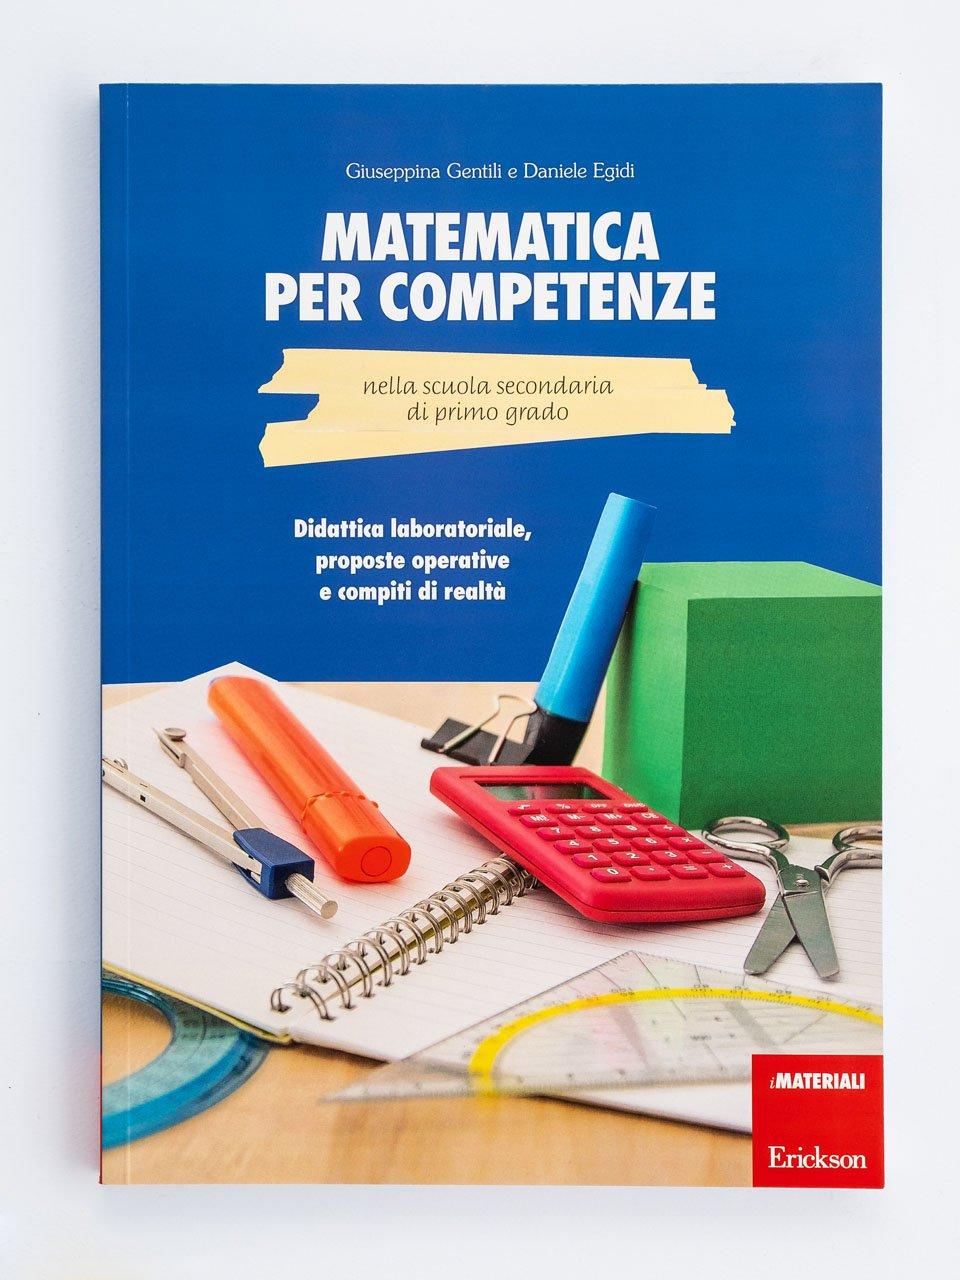 Matematica per competenze nella scuola secondaria di primo grado - Agenda annuale dell'integrazione e del sostegno di - Strumenti - Erickson